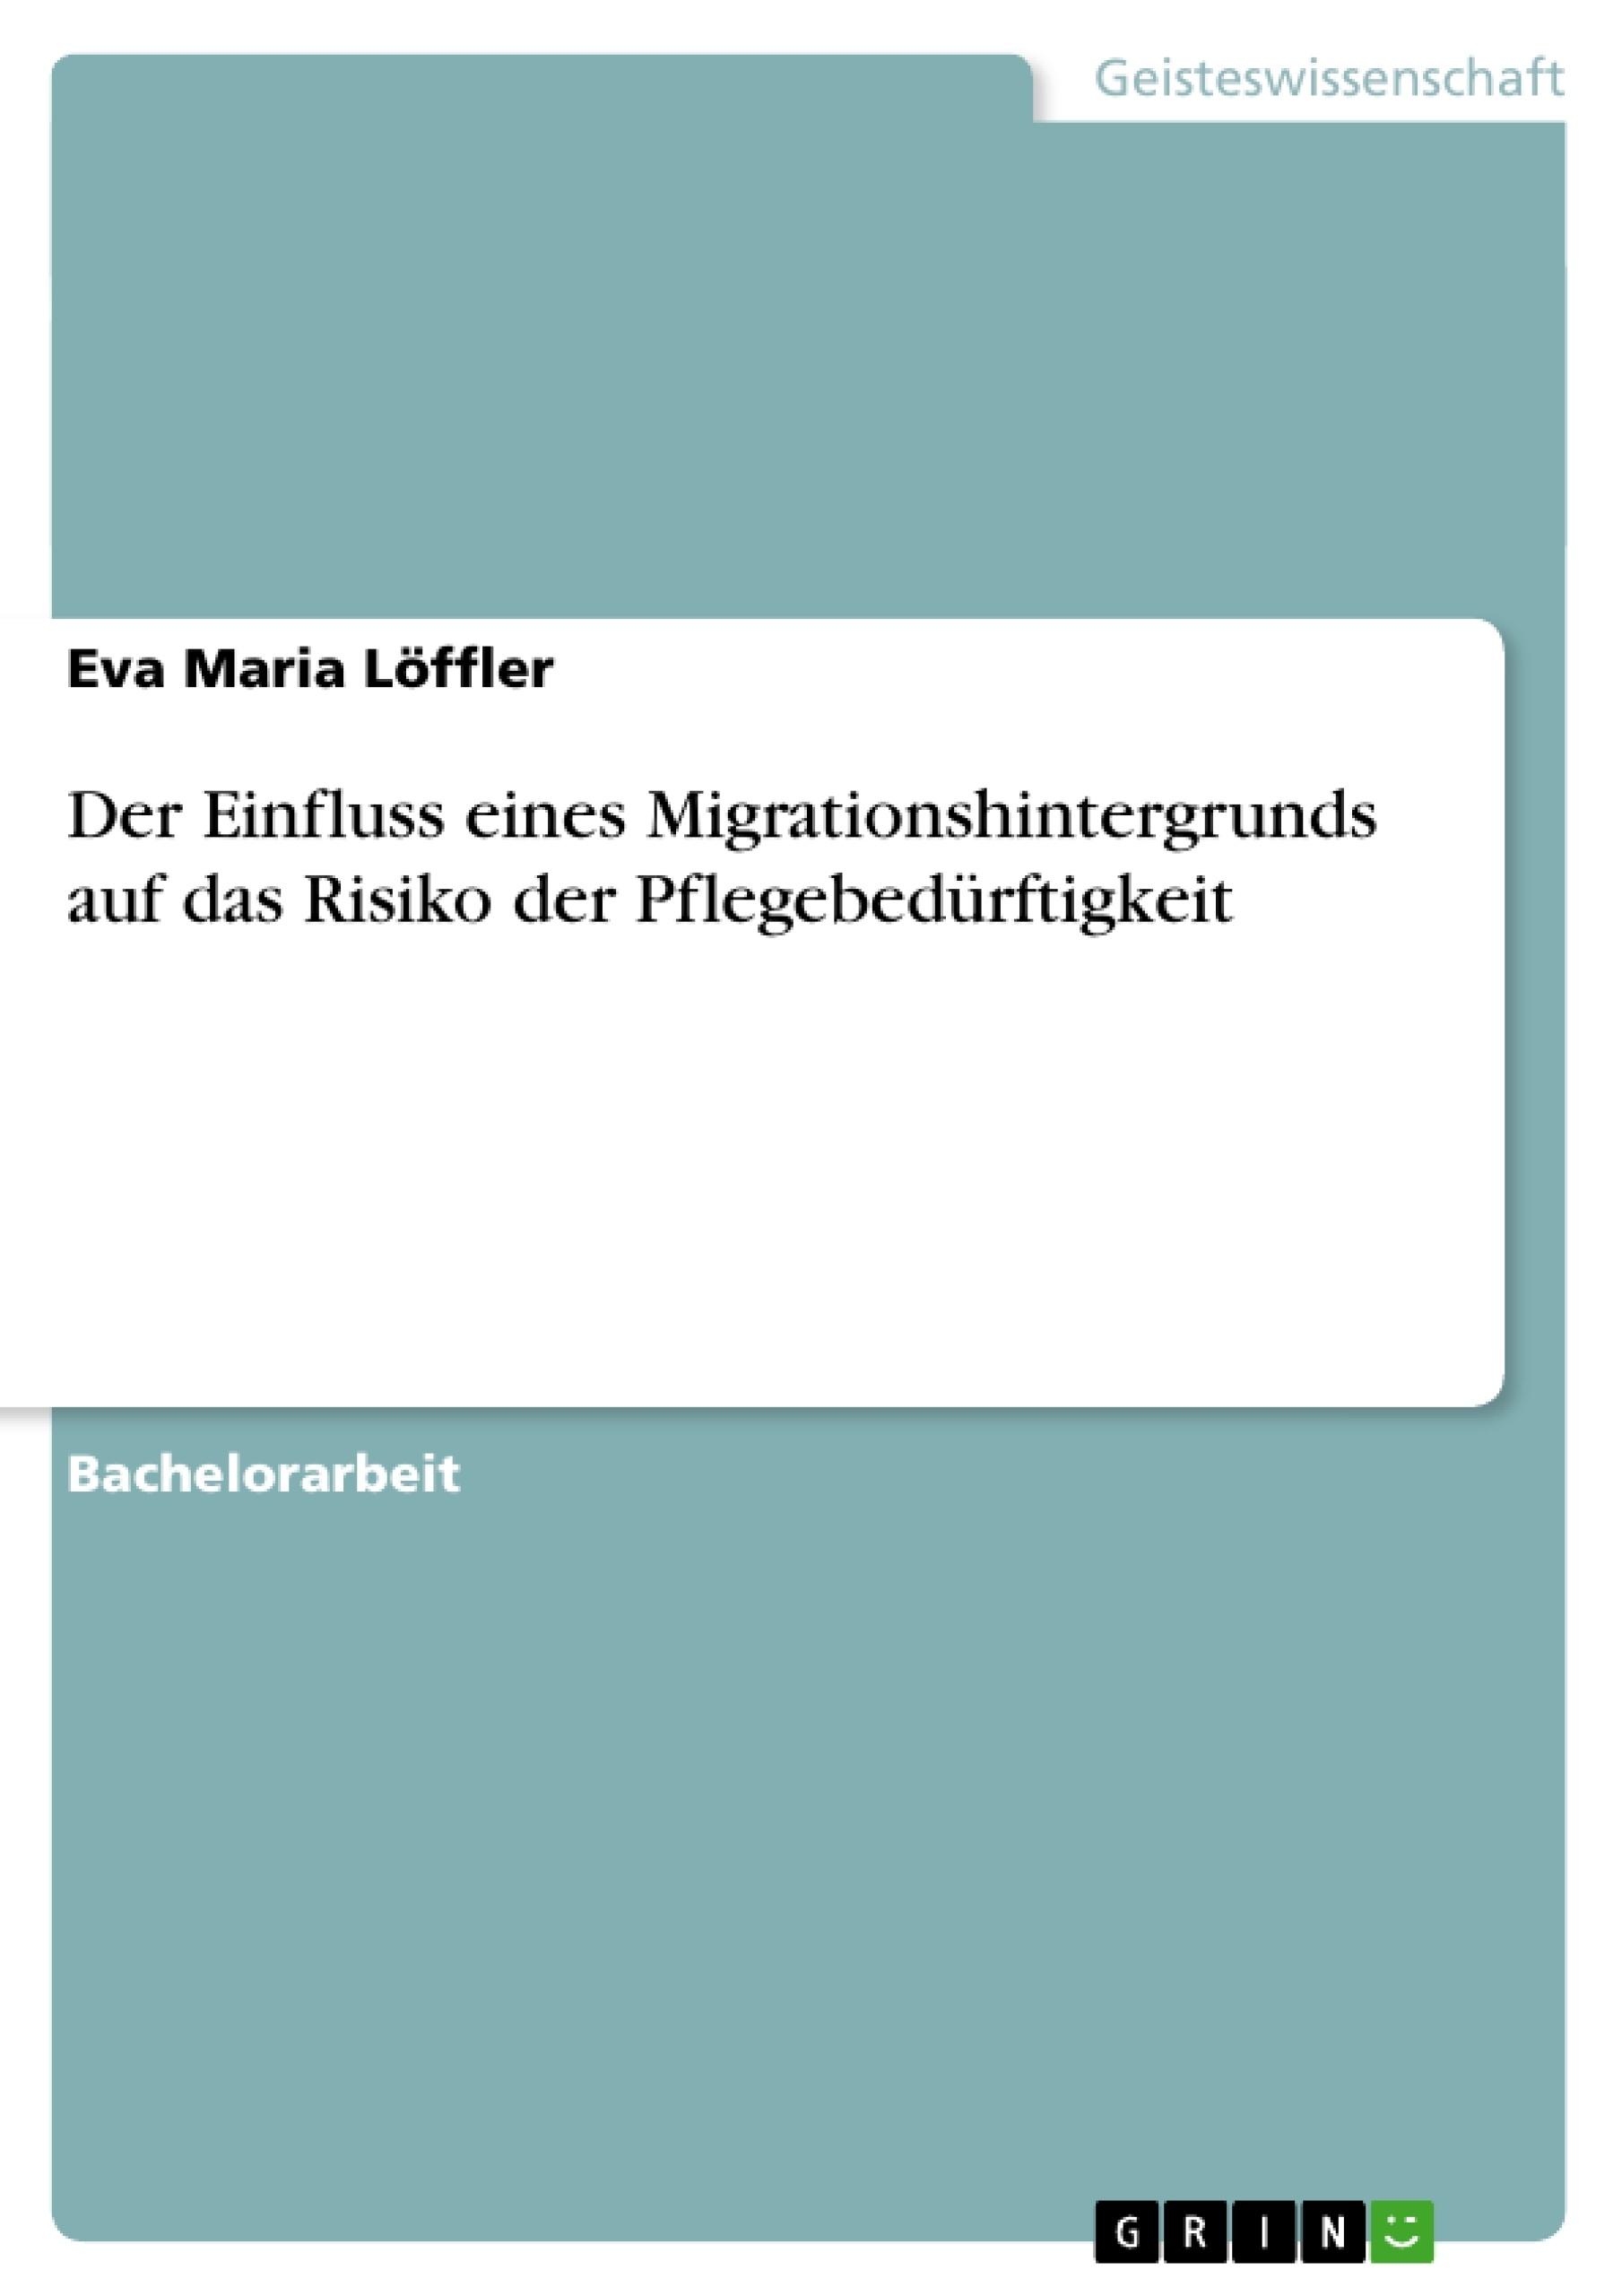 Titel: Der Einfluss eines Migrationshintergrunds auf das Risiko der Pflegebedürftigkeit